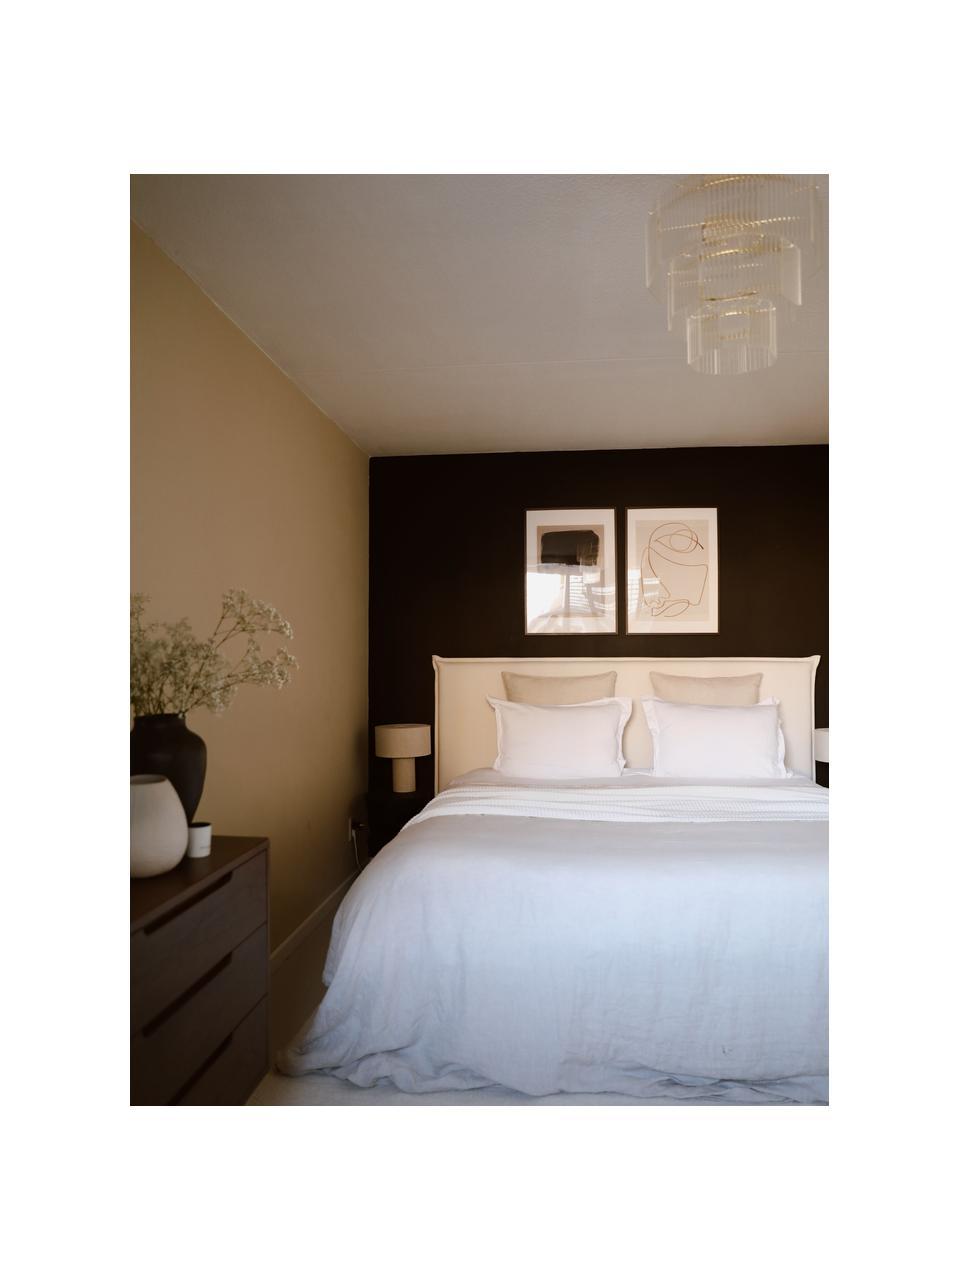 Letto boxspring premium in tessuto beige con contenitore Violet, Materasso: nucleo a 5 zone di molle , Piedini: legno massiccio di betull, Tessuto beige, 160 x 200 cm